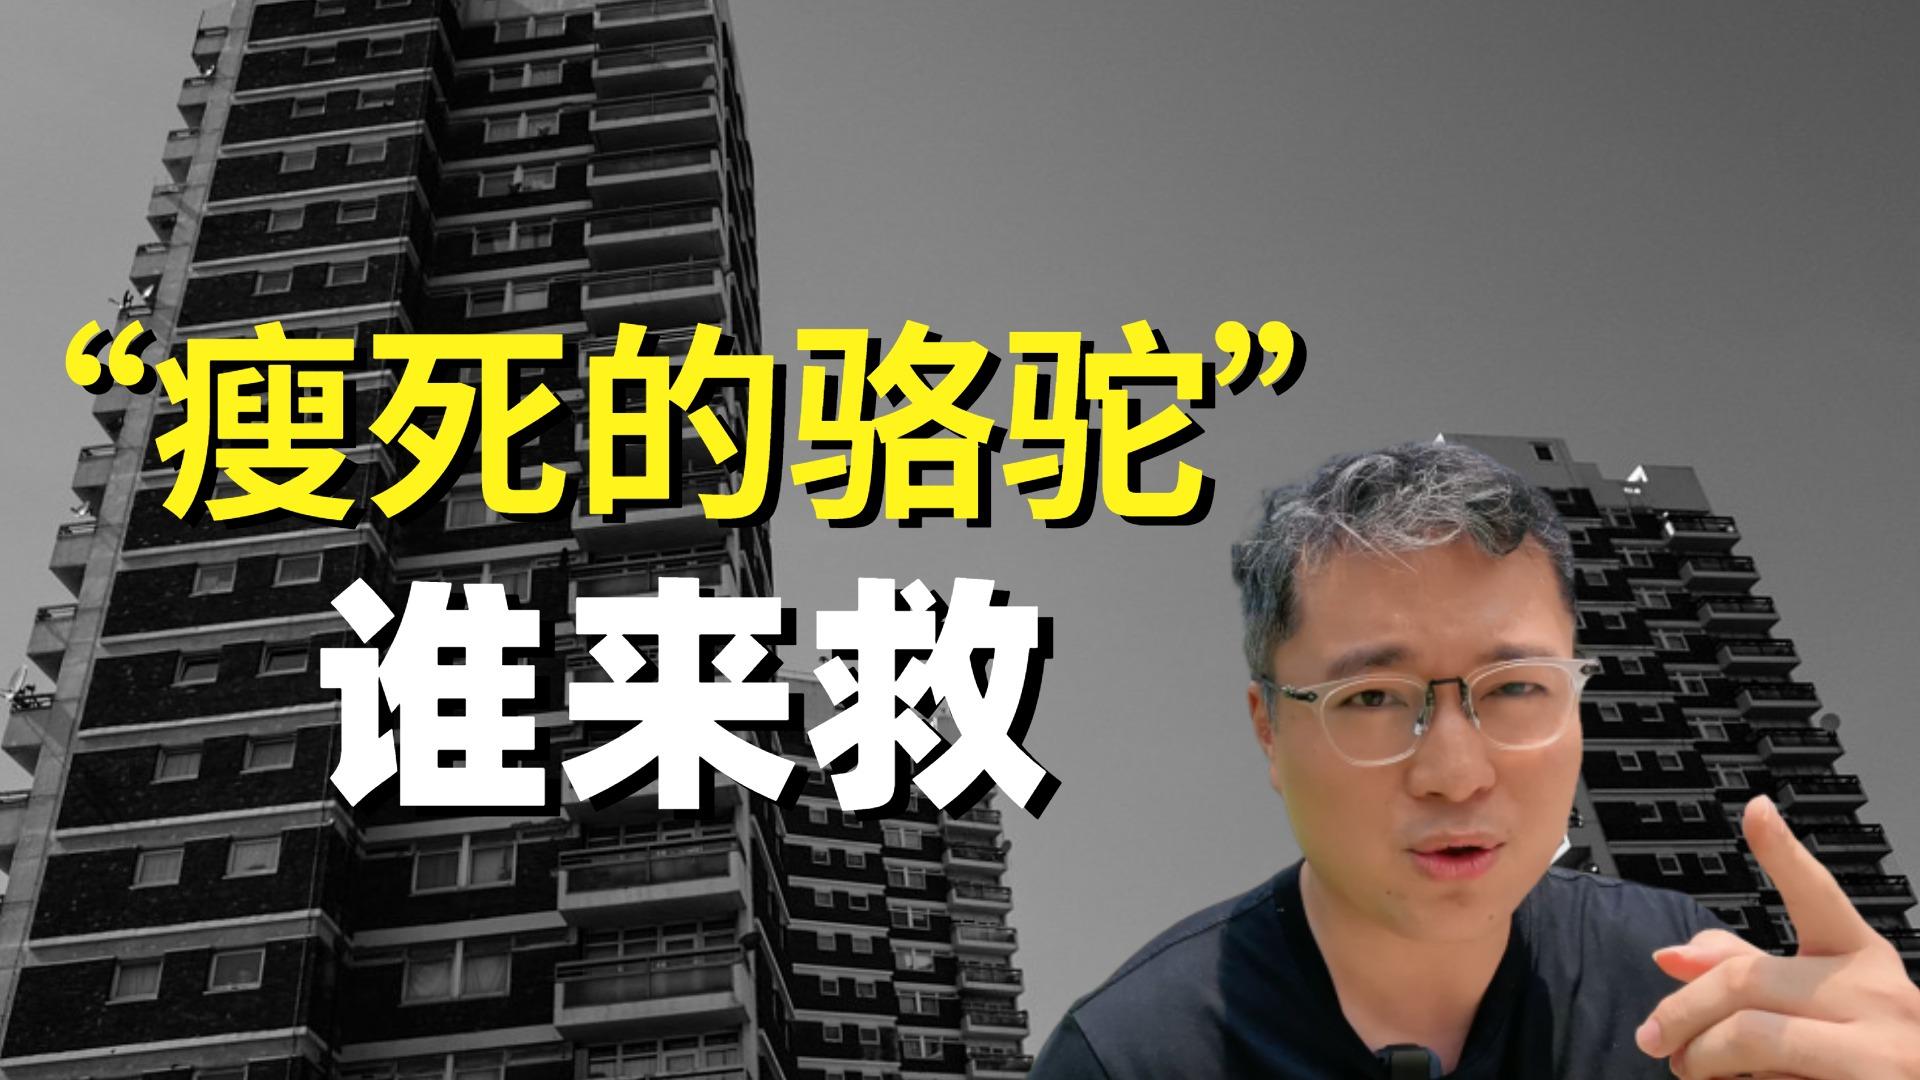 贾跃亭出手相救 背负万亿债务的某房企还能撑多久? 方面陈说财经